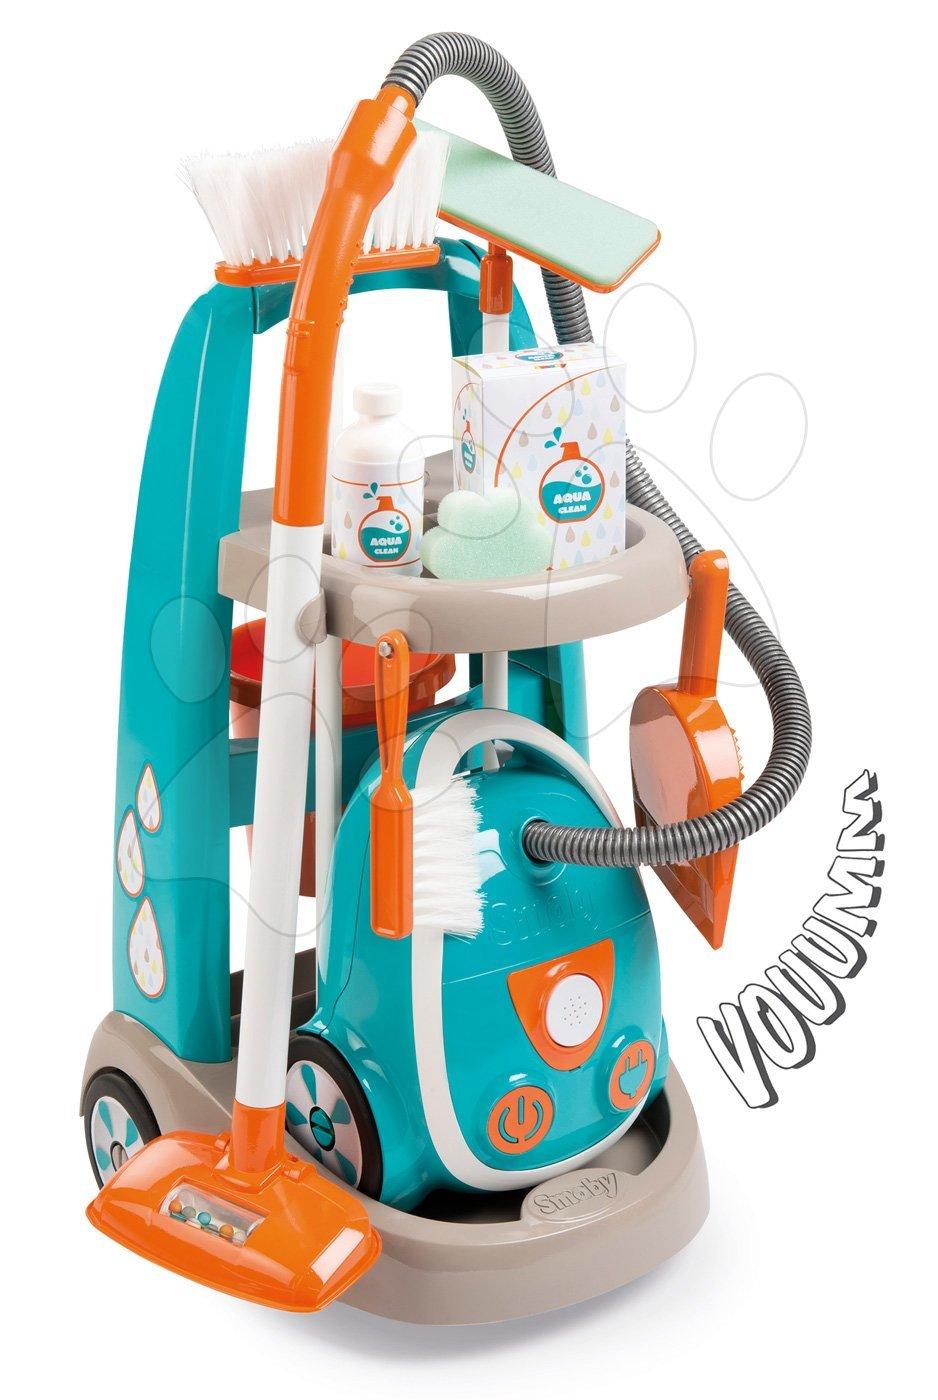 Igre kućanstva - Kolica za čišćenje s elektroničkim usisivačem Vacuum Cleaner Smoby tirkizna s 9 dodataka